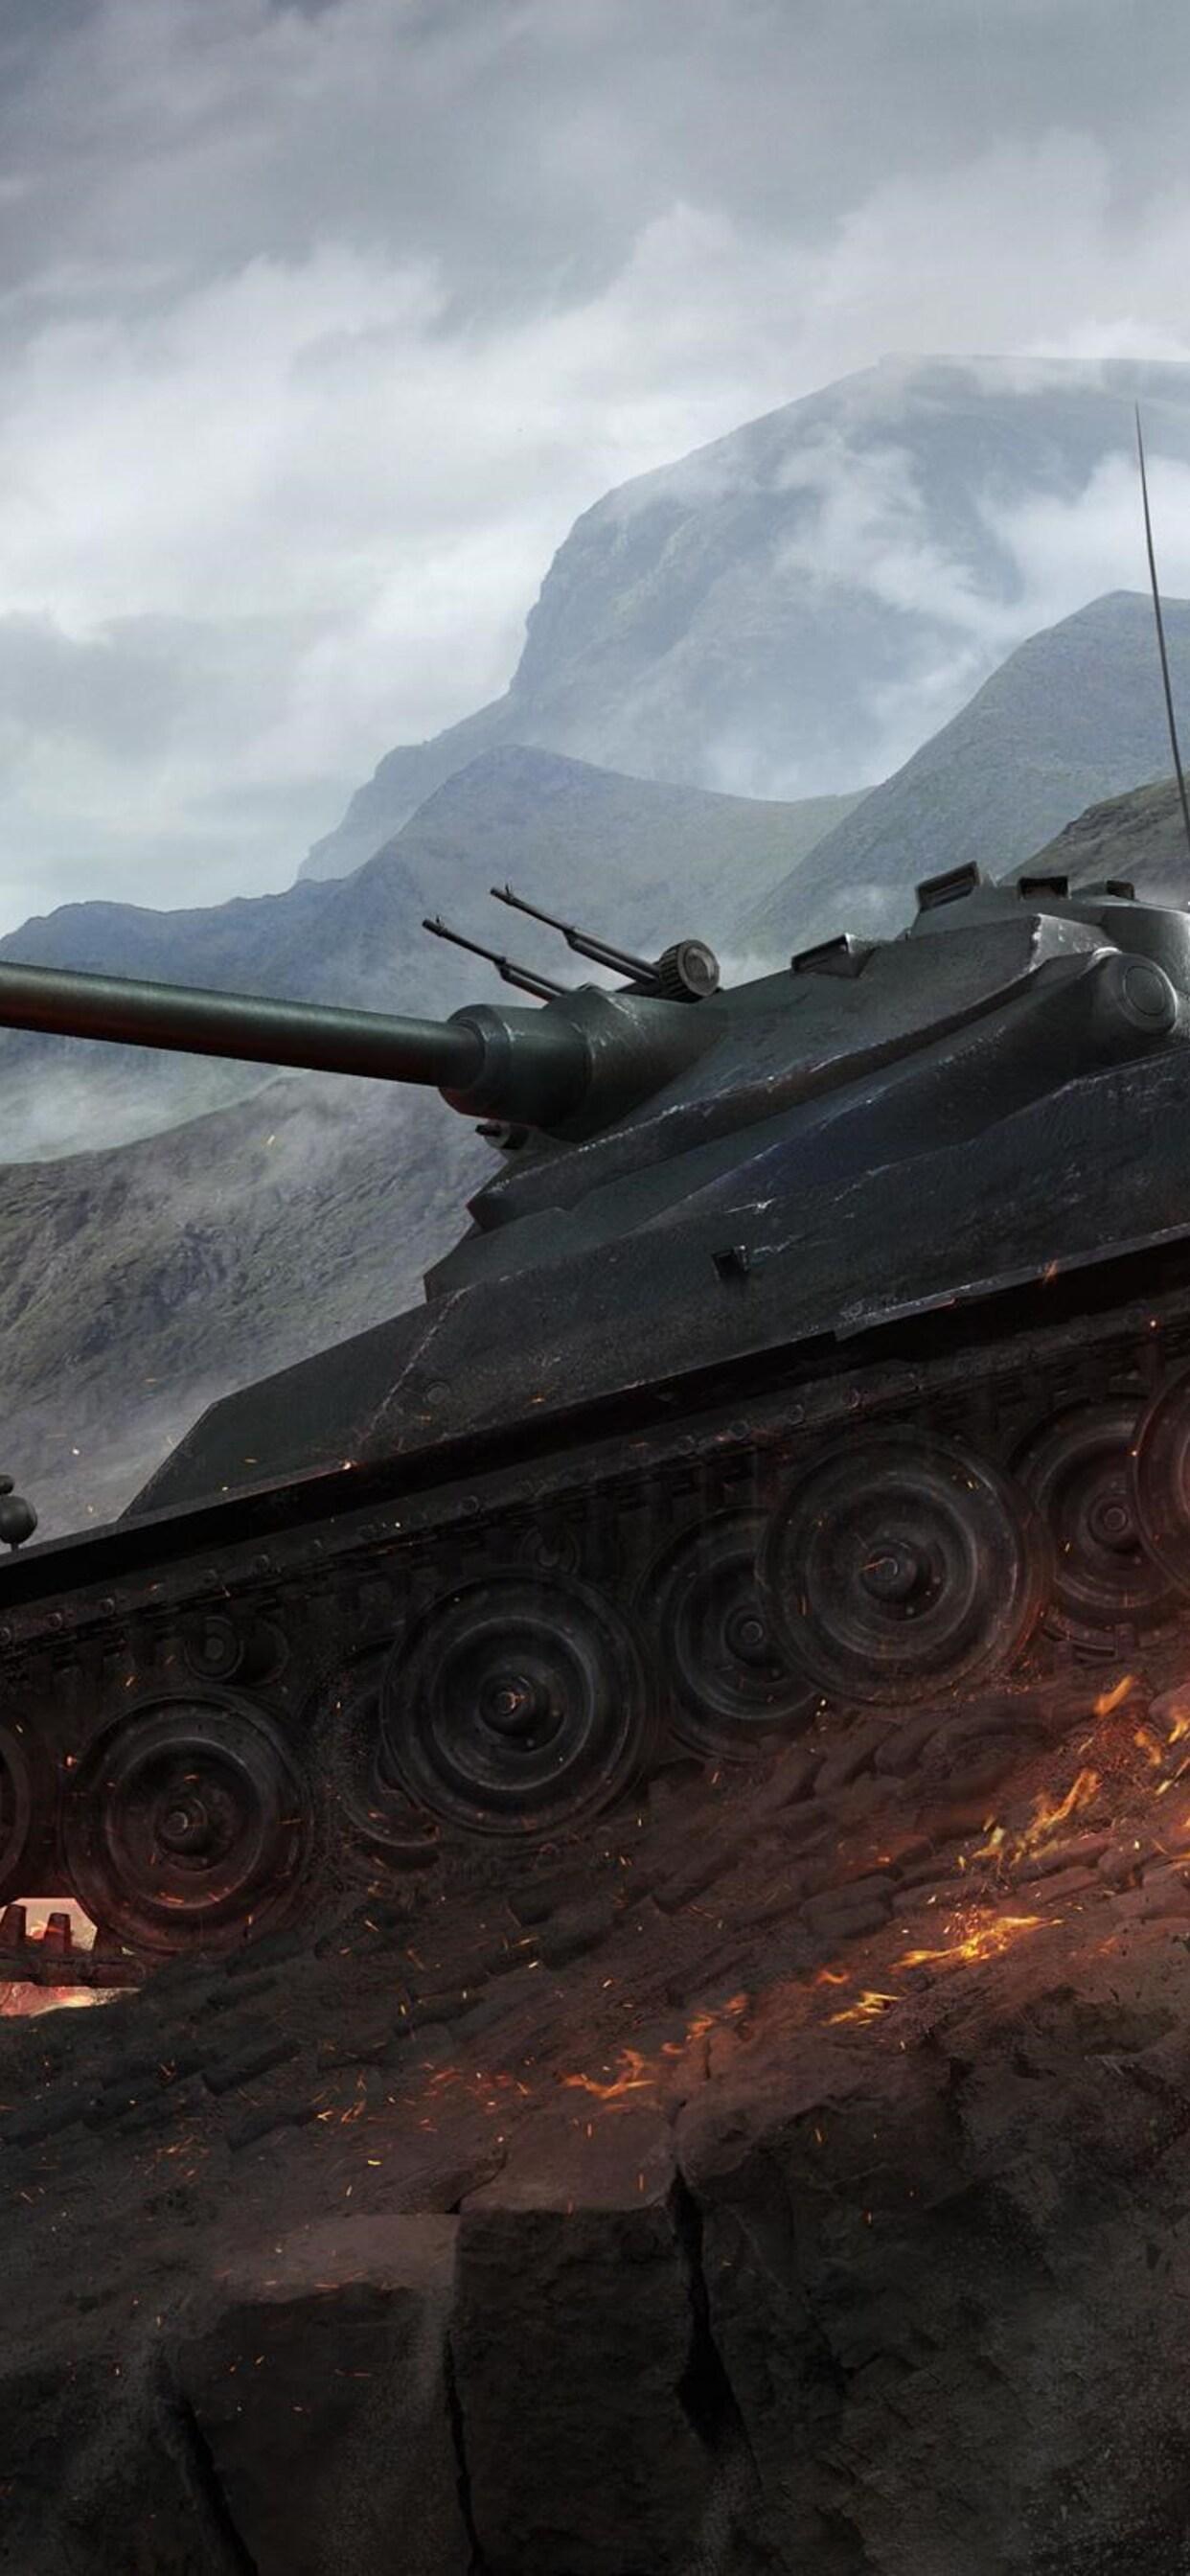 1242x2688 World Of Tanks Amx 50 Iphone Xs Max Hd 4k